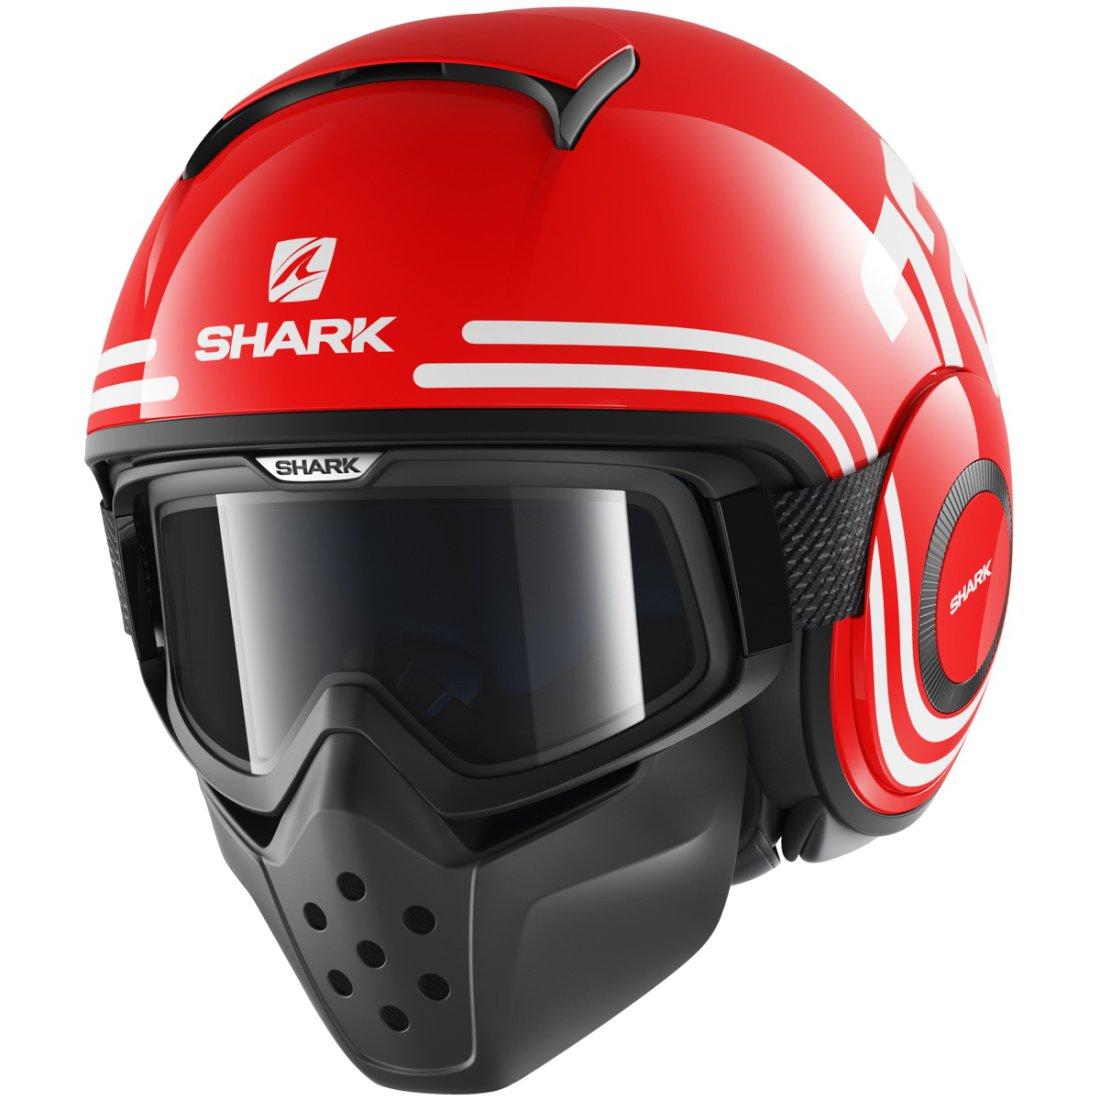 casque shark drak 72 red white black motocard. Black Bedroom Furniture Sets. Home Design Ideas